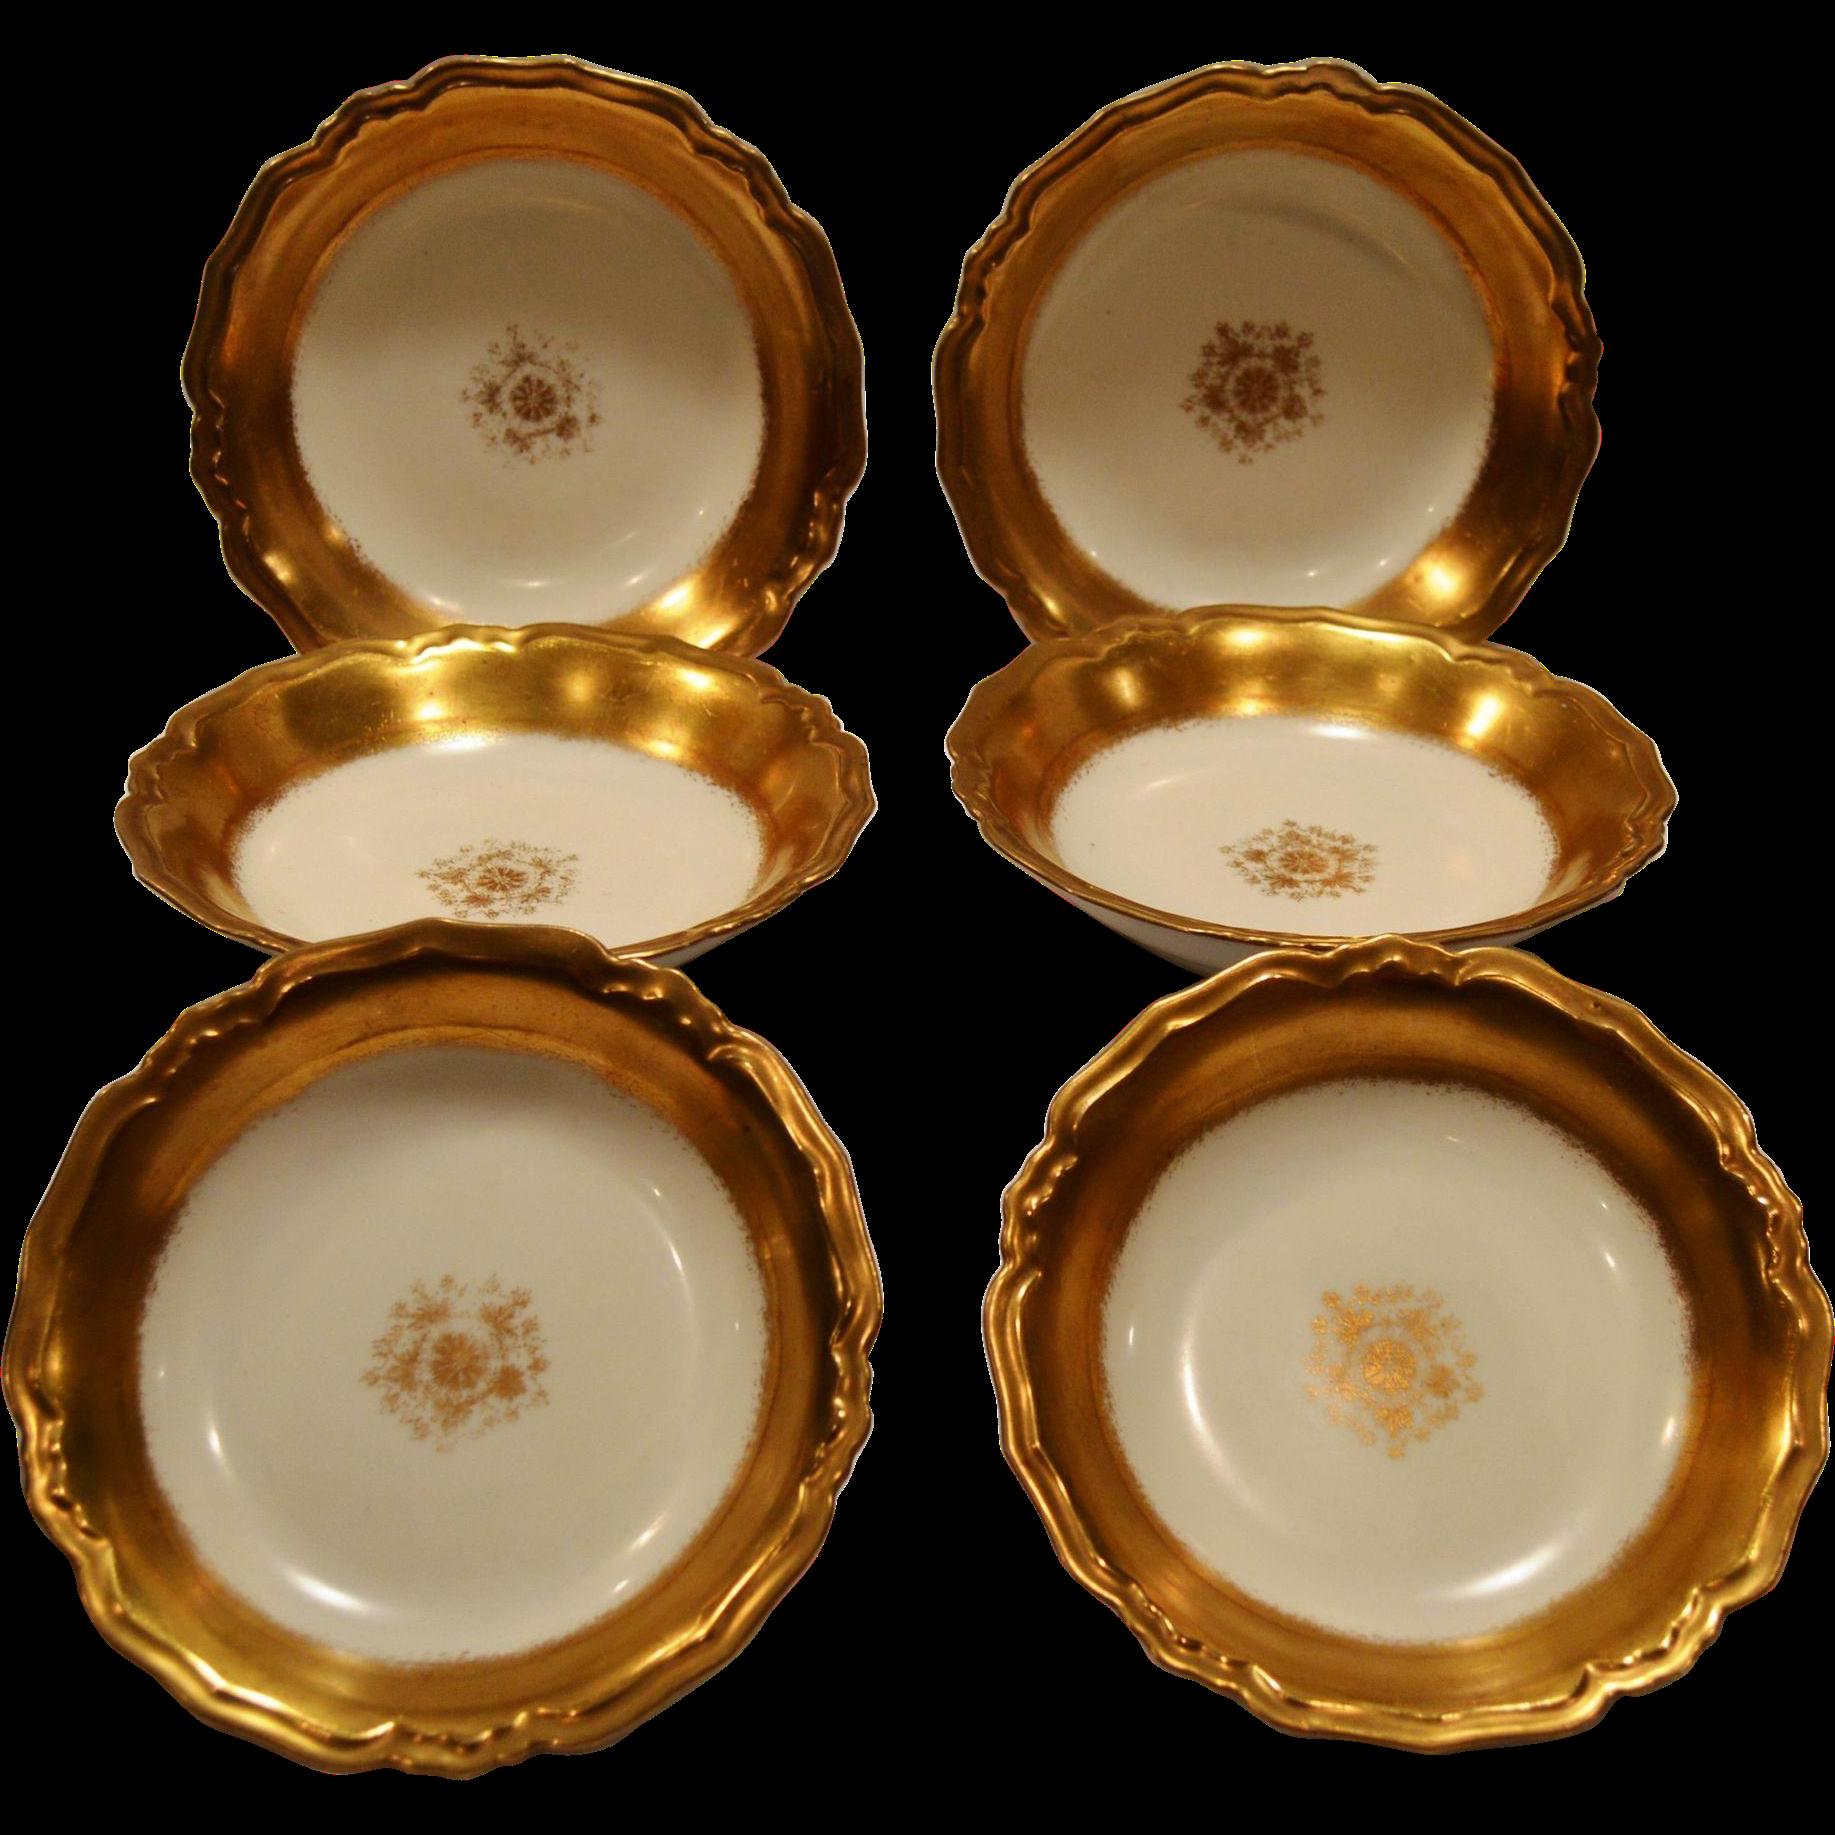 Beautiful Limoges Porcelain Berry or Dessert Bowls ~ Gold Rimmed ~ Blakeman & Henderson Limoges France 1900-1914